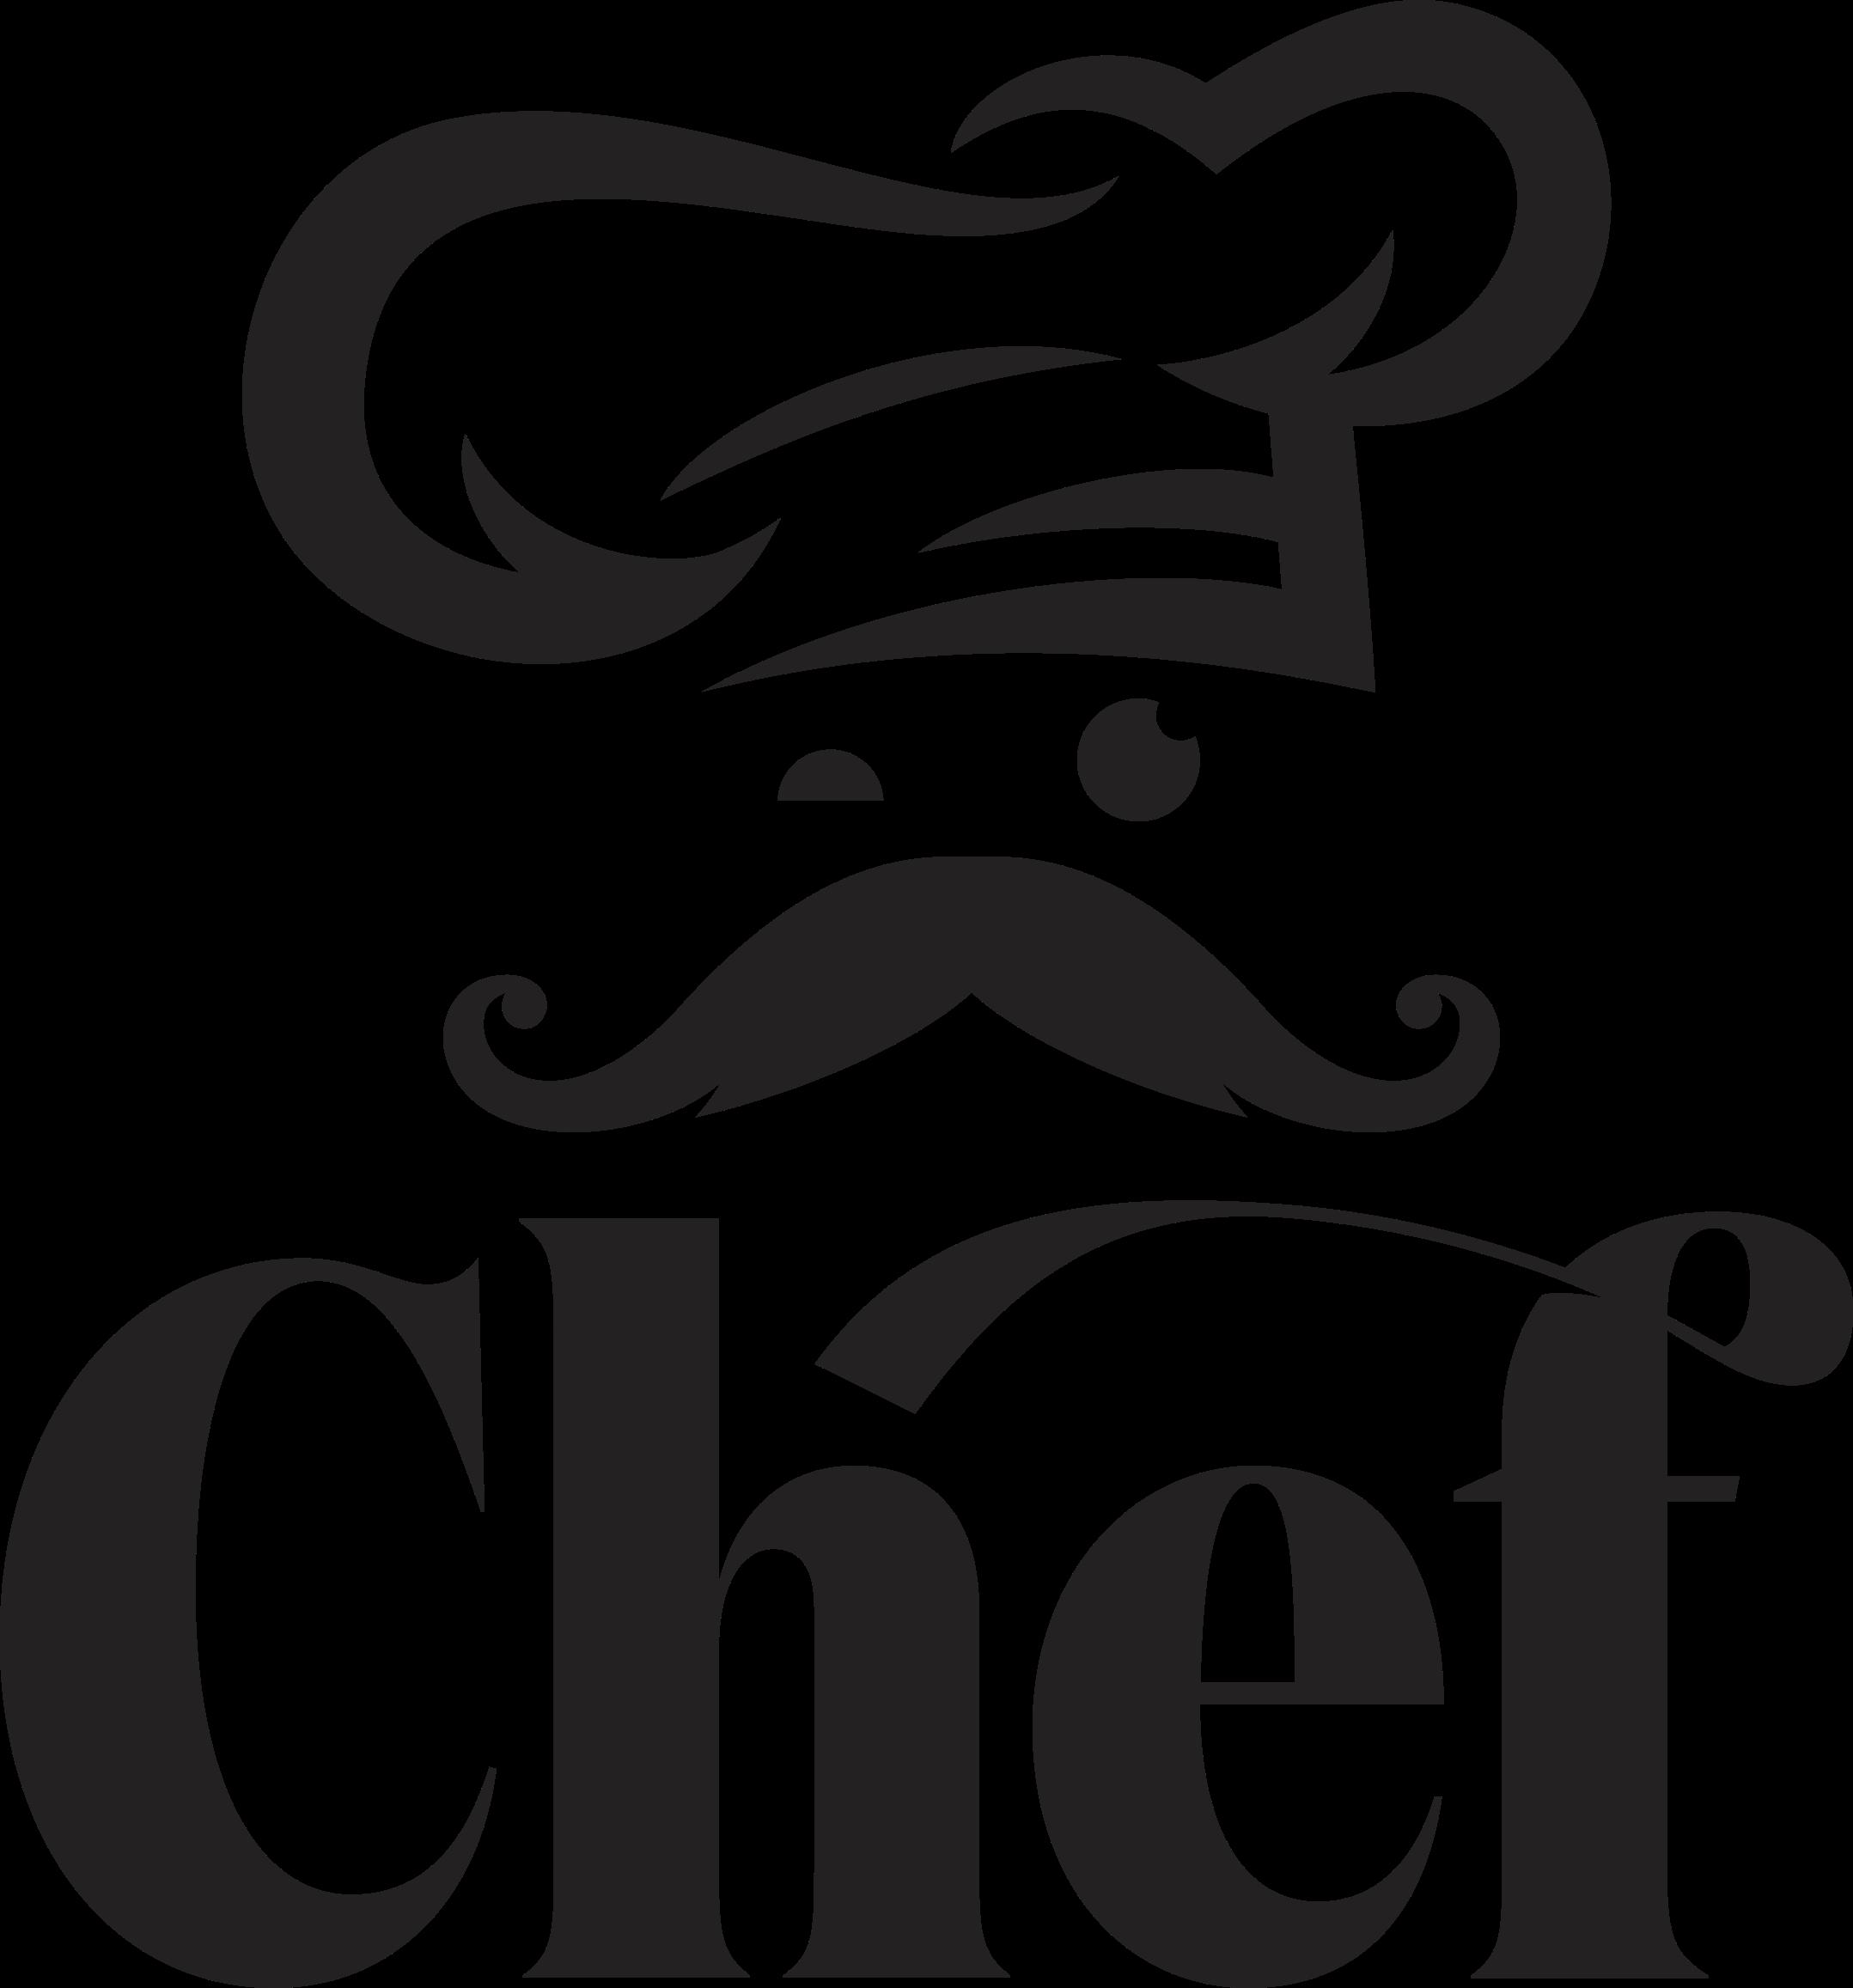 TenVinilo. Vinilo cocina gorro de chef. Vinilo para cocina con dibujo de chef. También está inscrito con el texto 'chef. Disponible en diferentes colores y tamaños ¡Envío a domicilio!